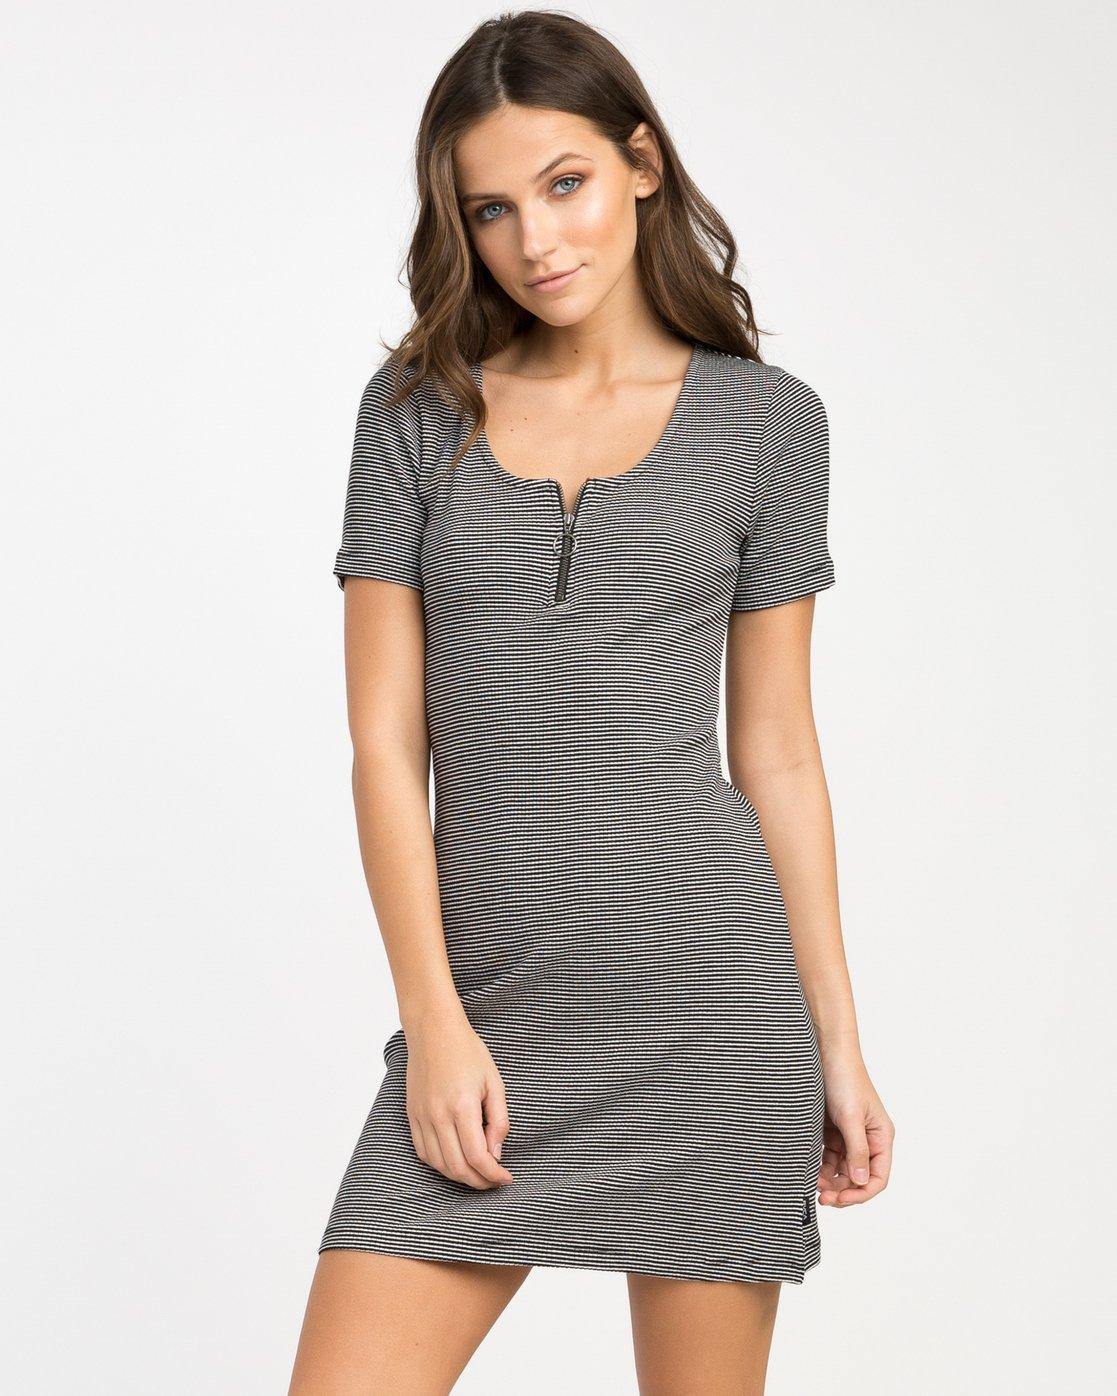 0 Zip It Ribbed Dress Black WD05NRZP RVCA